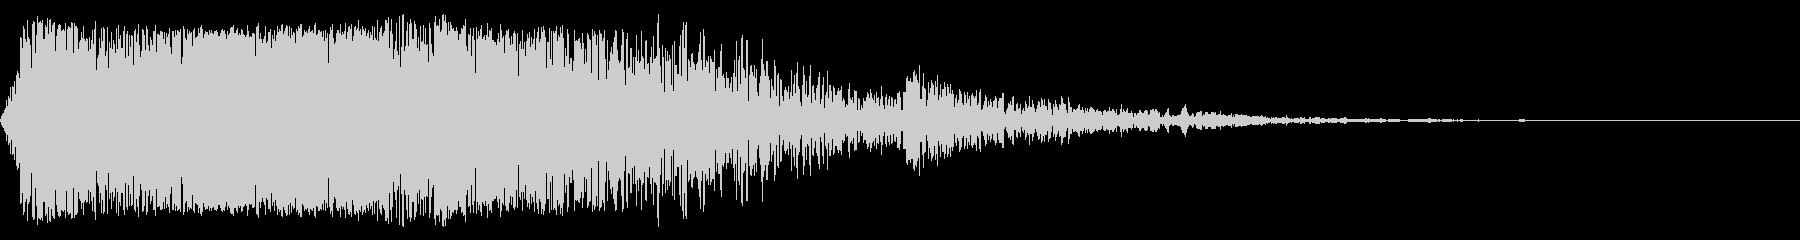 ハード、ピアスメタルインパクト、フォリーの未再生の波形